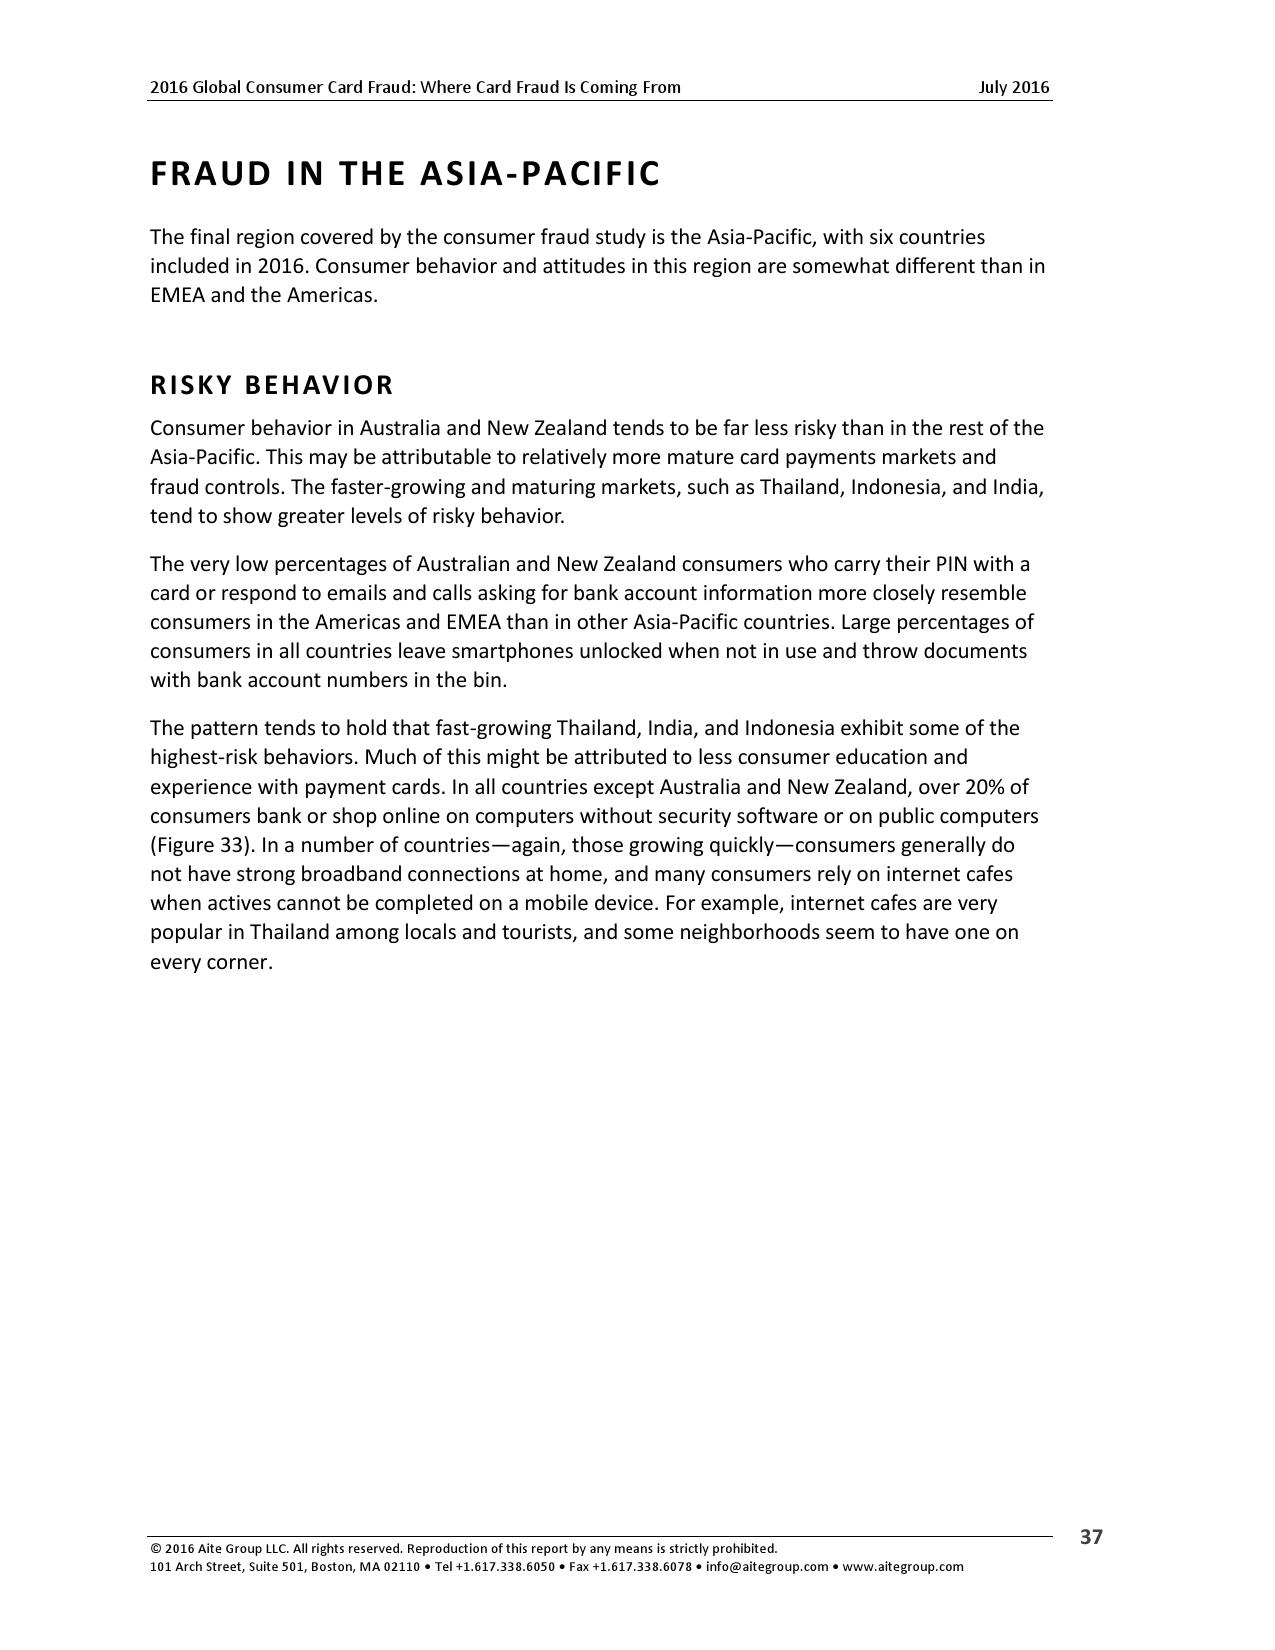 2016年全球付费卡欺诈报告_000037